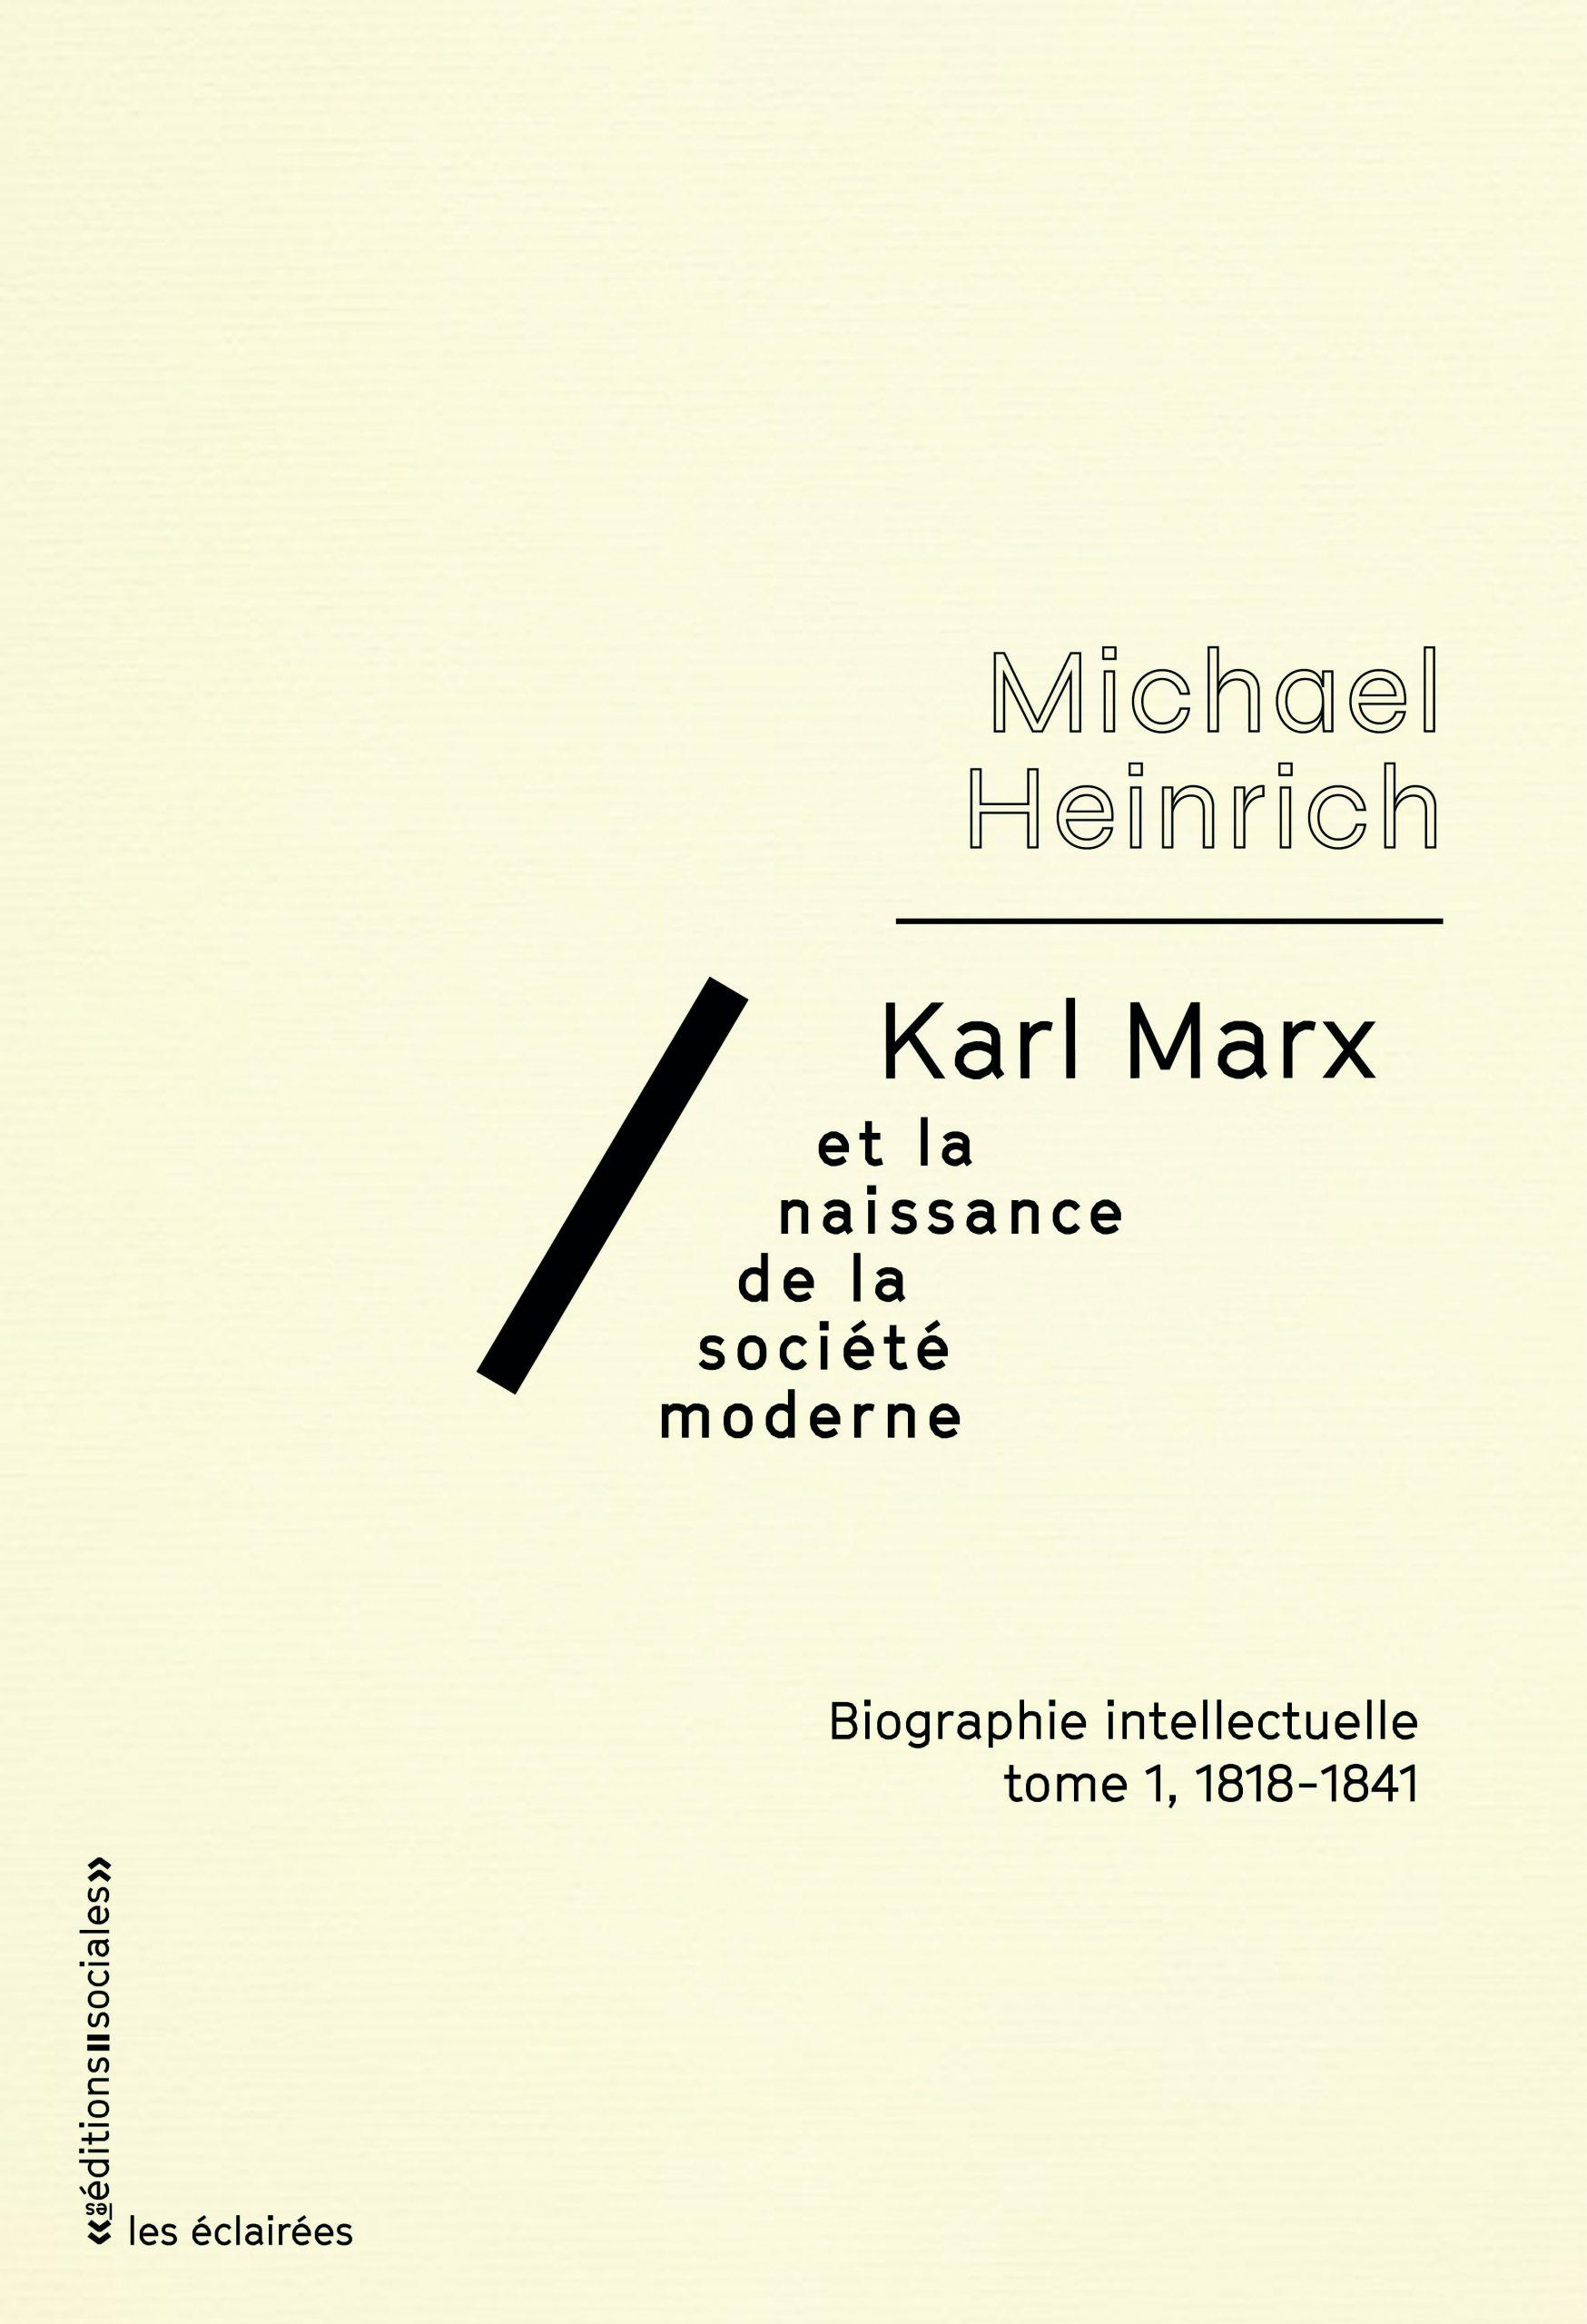 Karl Marx et la naissance de la société moderne. Biographie intellectuelle (tome 1, 1818-1841)